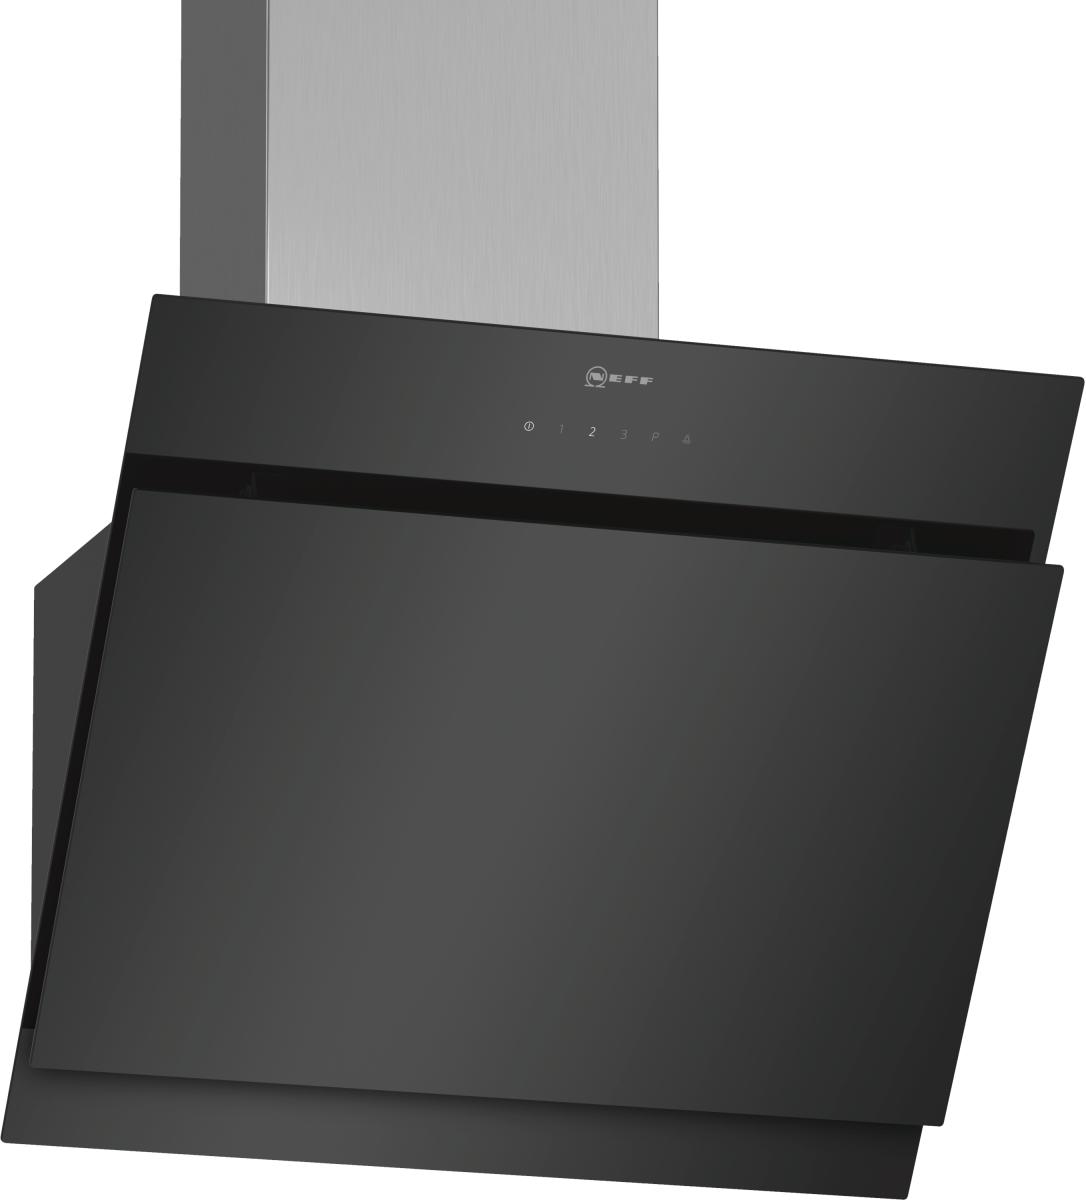 Neff DIHM651S( D65IHM1S0 )Schrägesse 60cm 660m³/h Intensivstufe Randabsaugung EEK:A